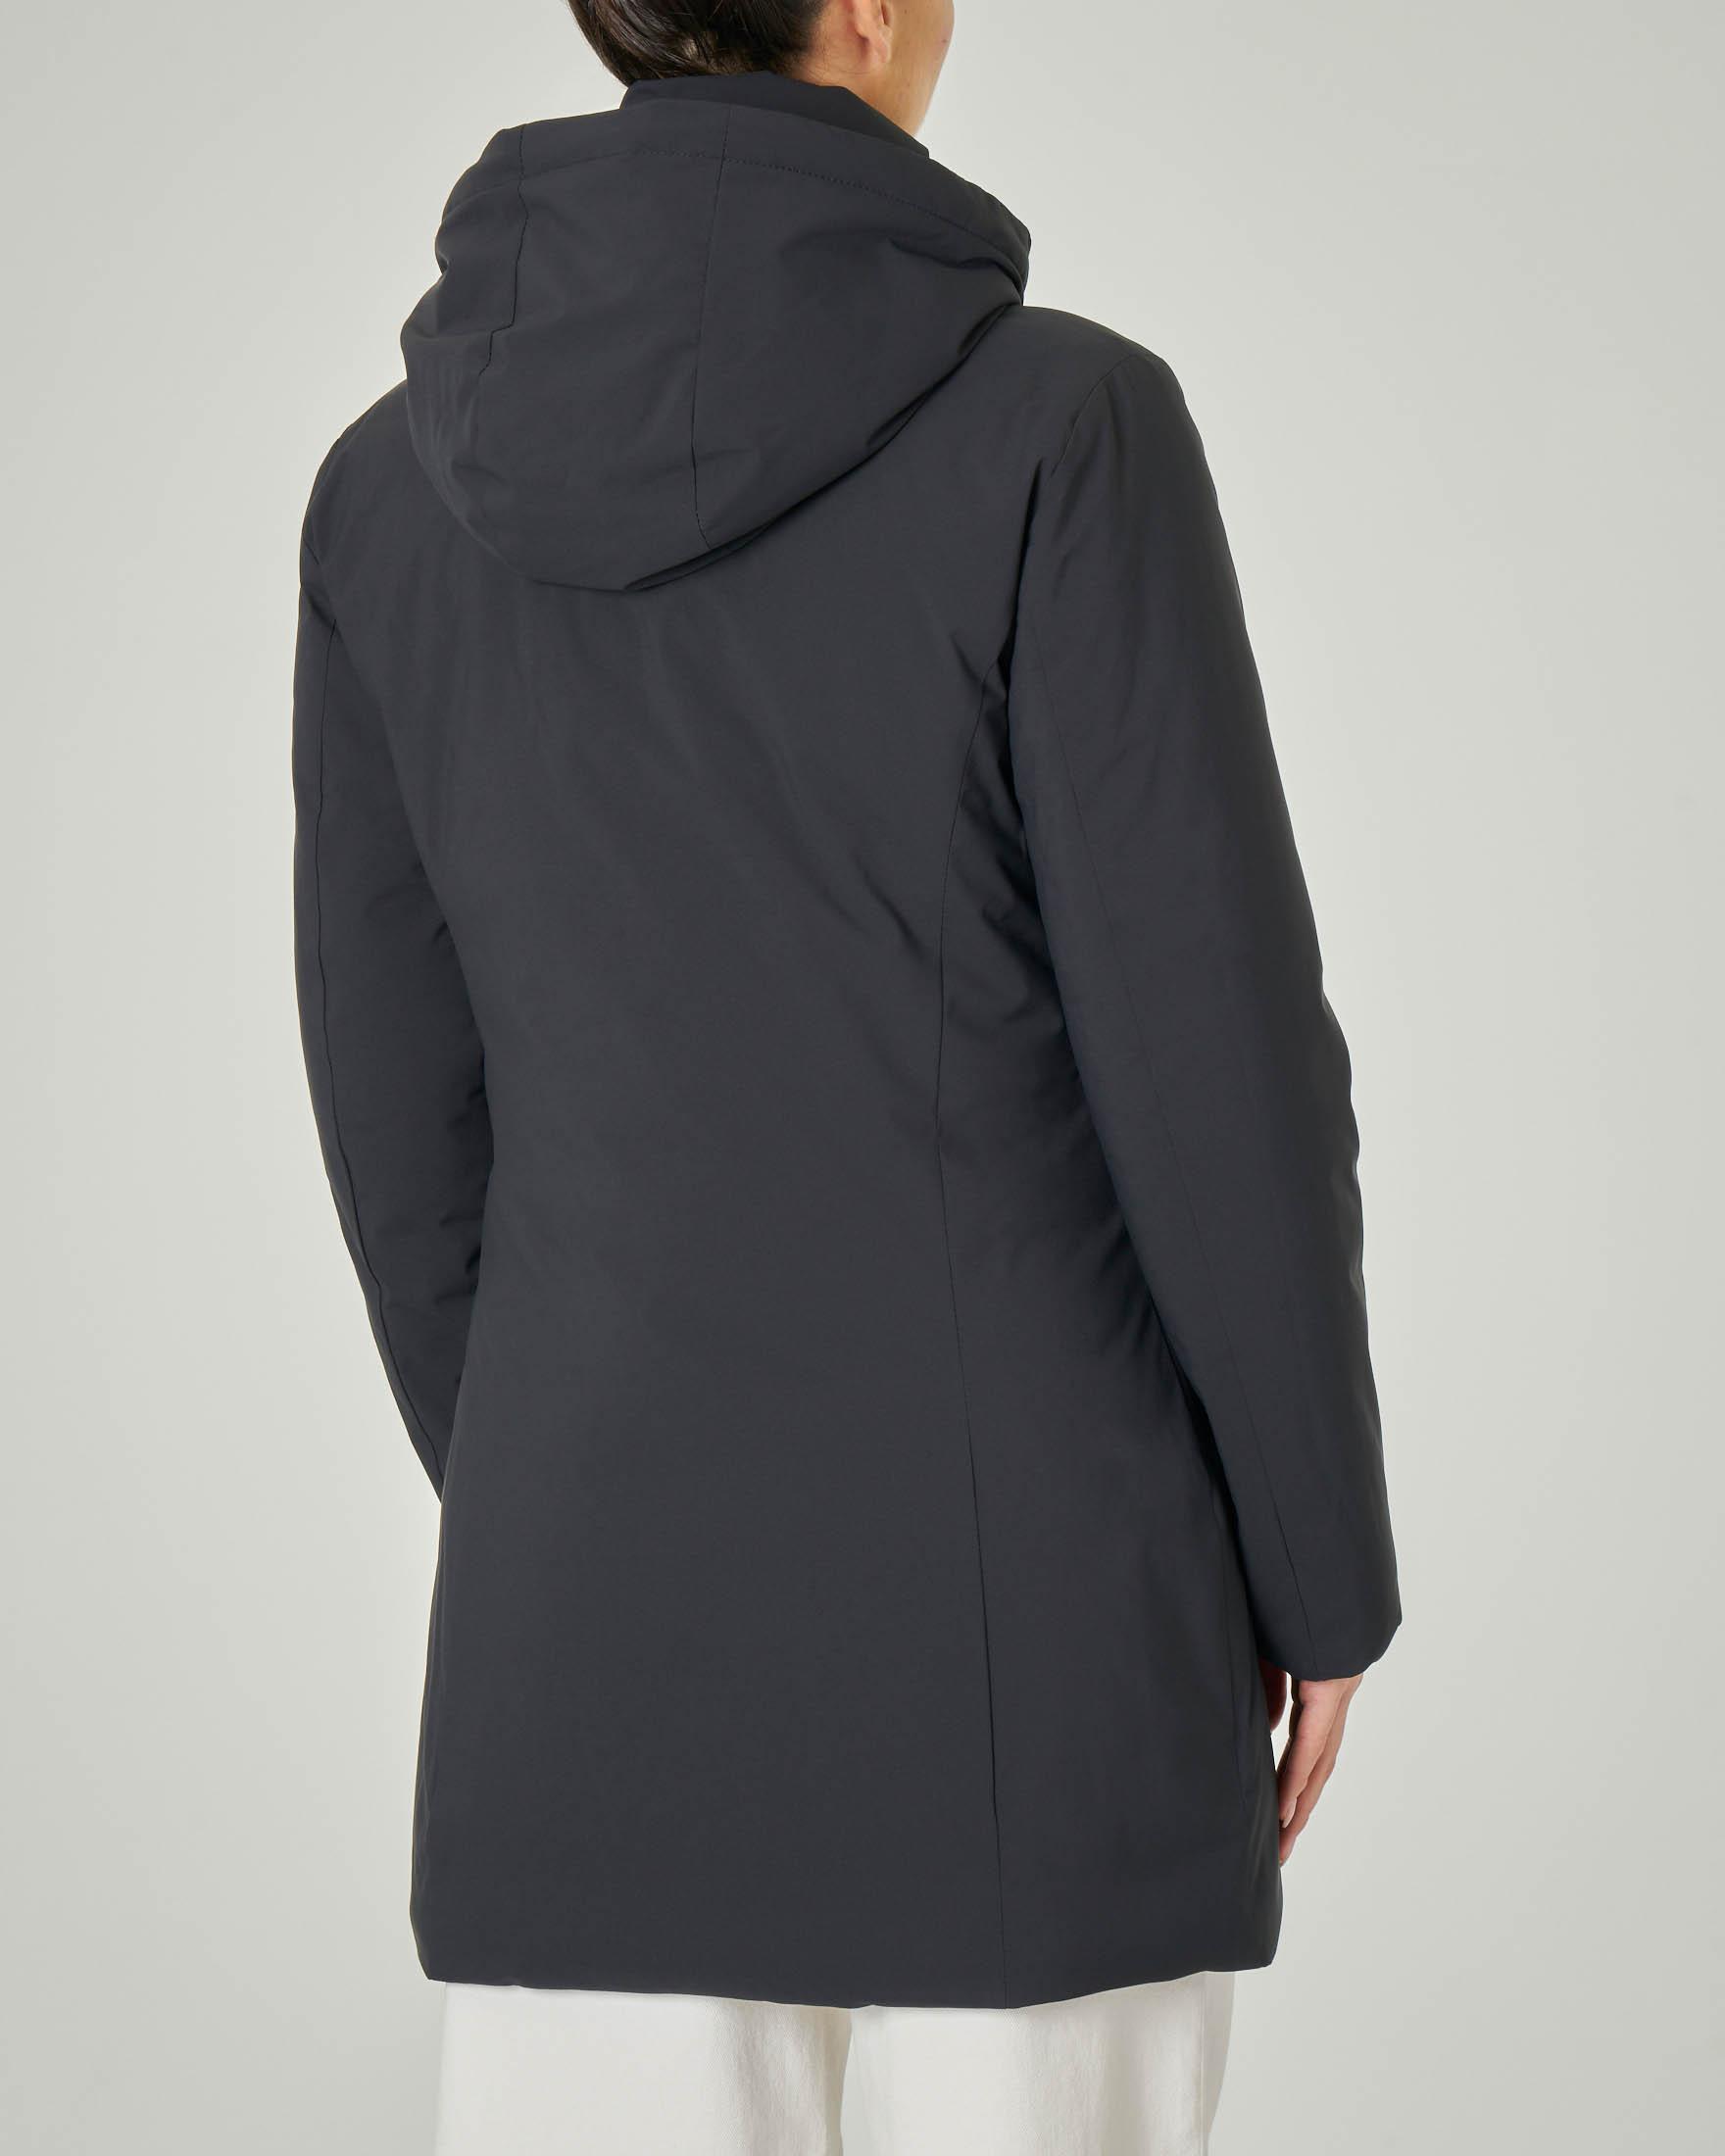 Piumino lungo nero effetto opaco liscio con cappuccio staccabile